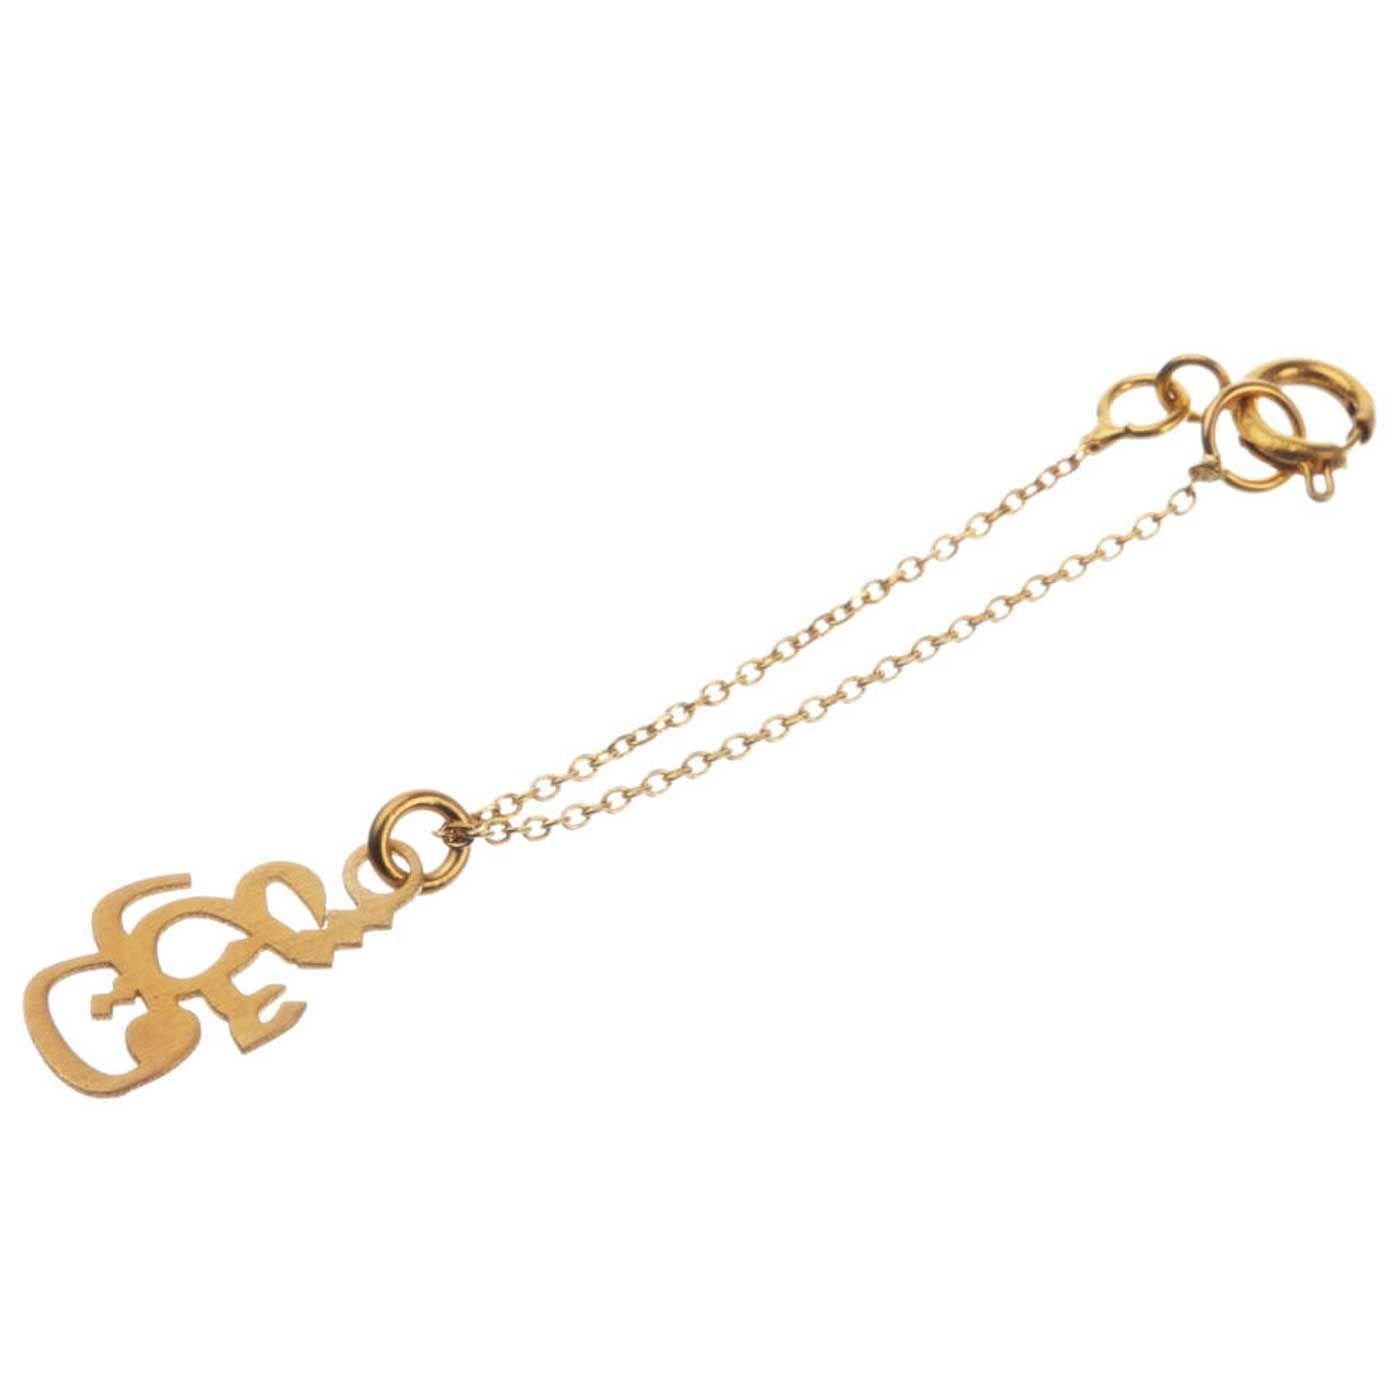 آویز ساعت طلا 18 عیار زنانه کانیار گالری کد AS29 -  - 4